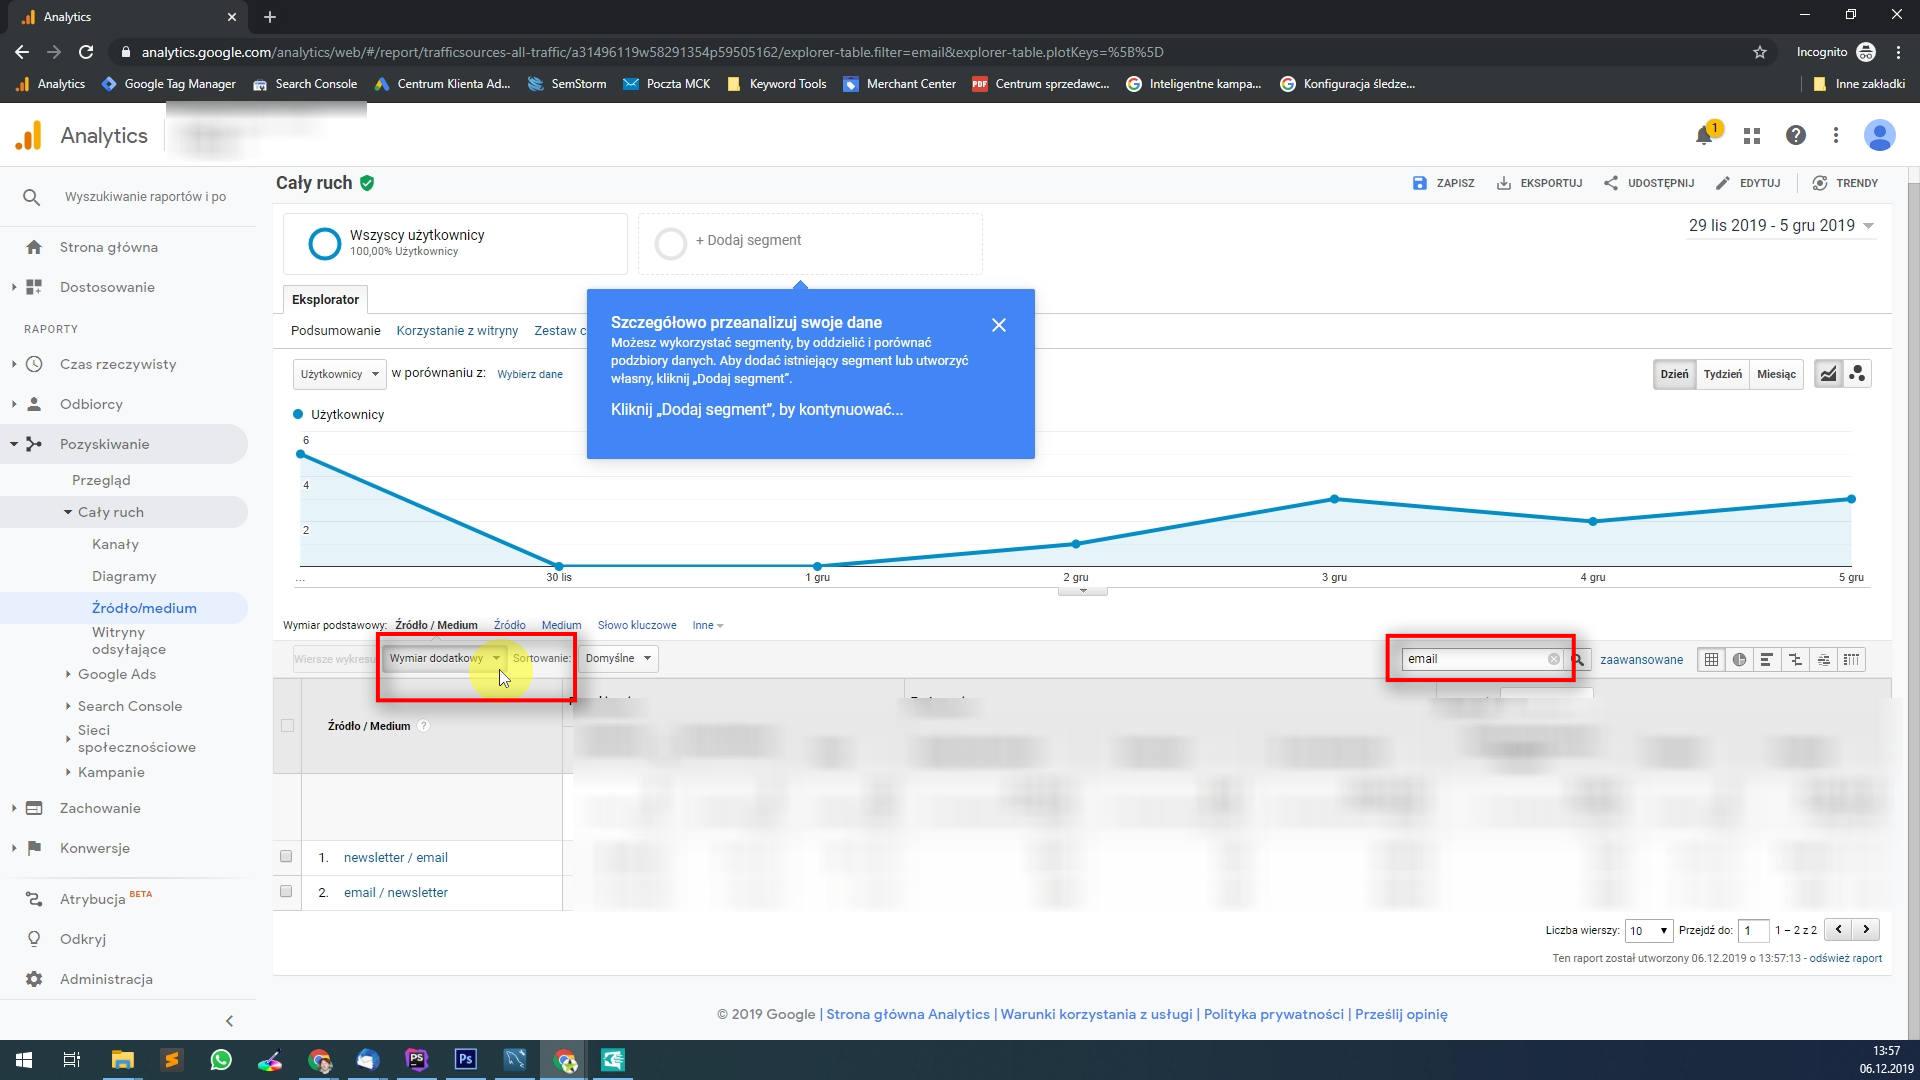 Kolejny tagiem jaki się bardzo często dokleja jest tag: utm_campaign oznaczający kampanię reklamową jaka była prowadzona. Aby rozszerzyć widok o dane z tego tagu wystarczy kliknąć: Wymiar dodatkowy i wybrać Kampania.